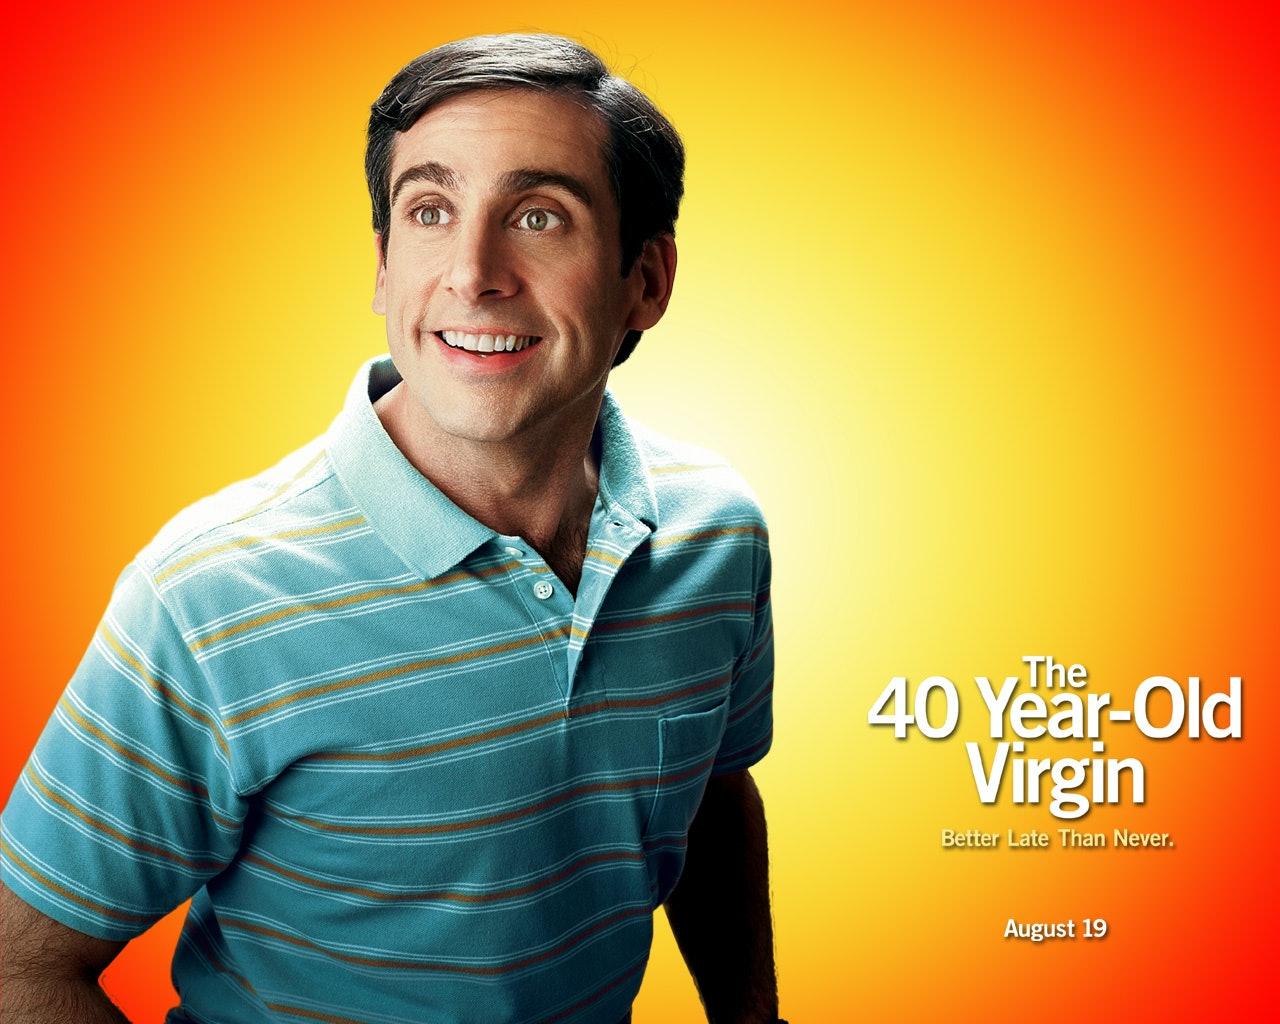 Αποτέλεσμα εικόνας για The 40-Year-Old Virgin movie